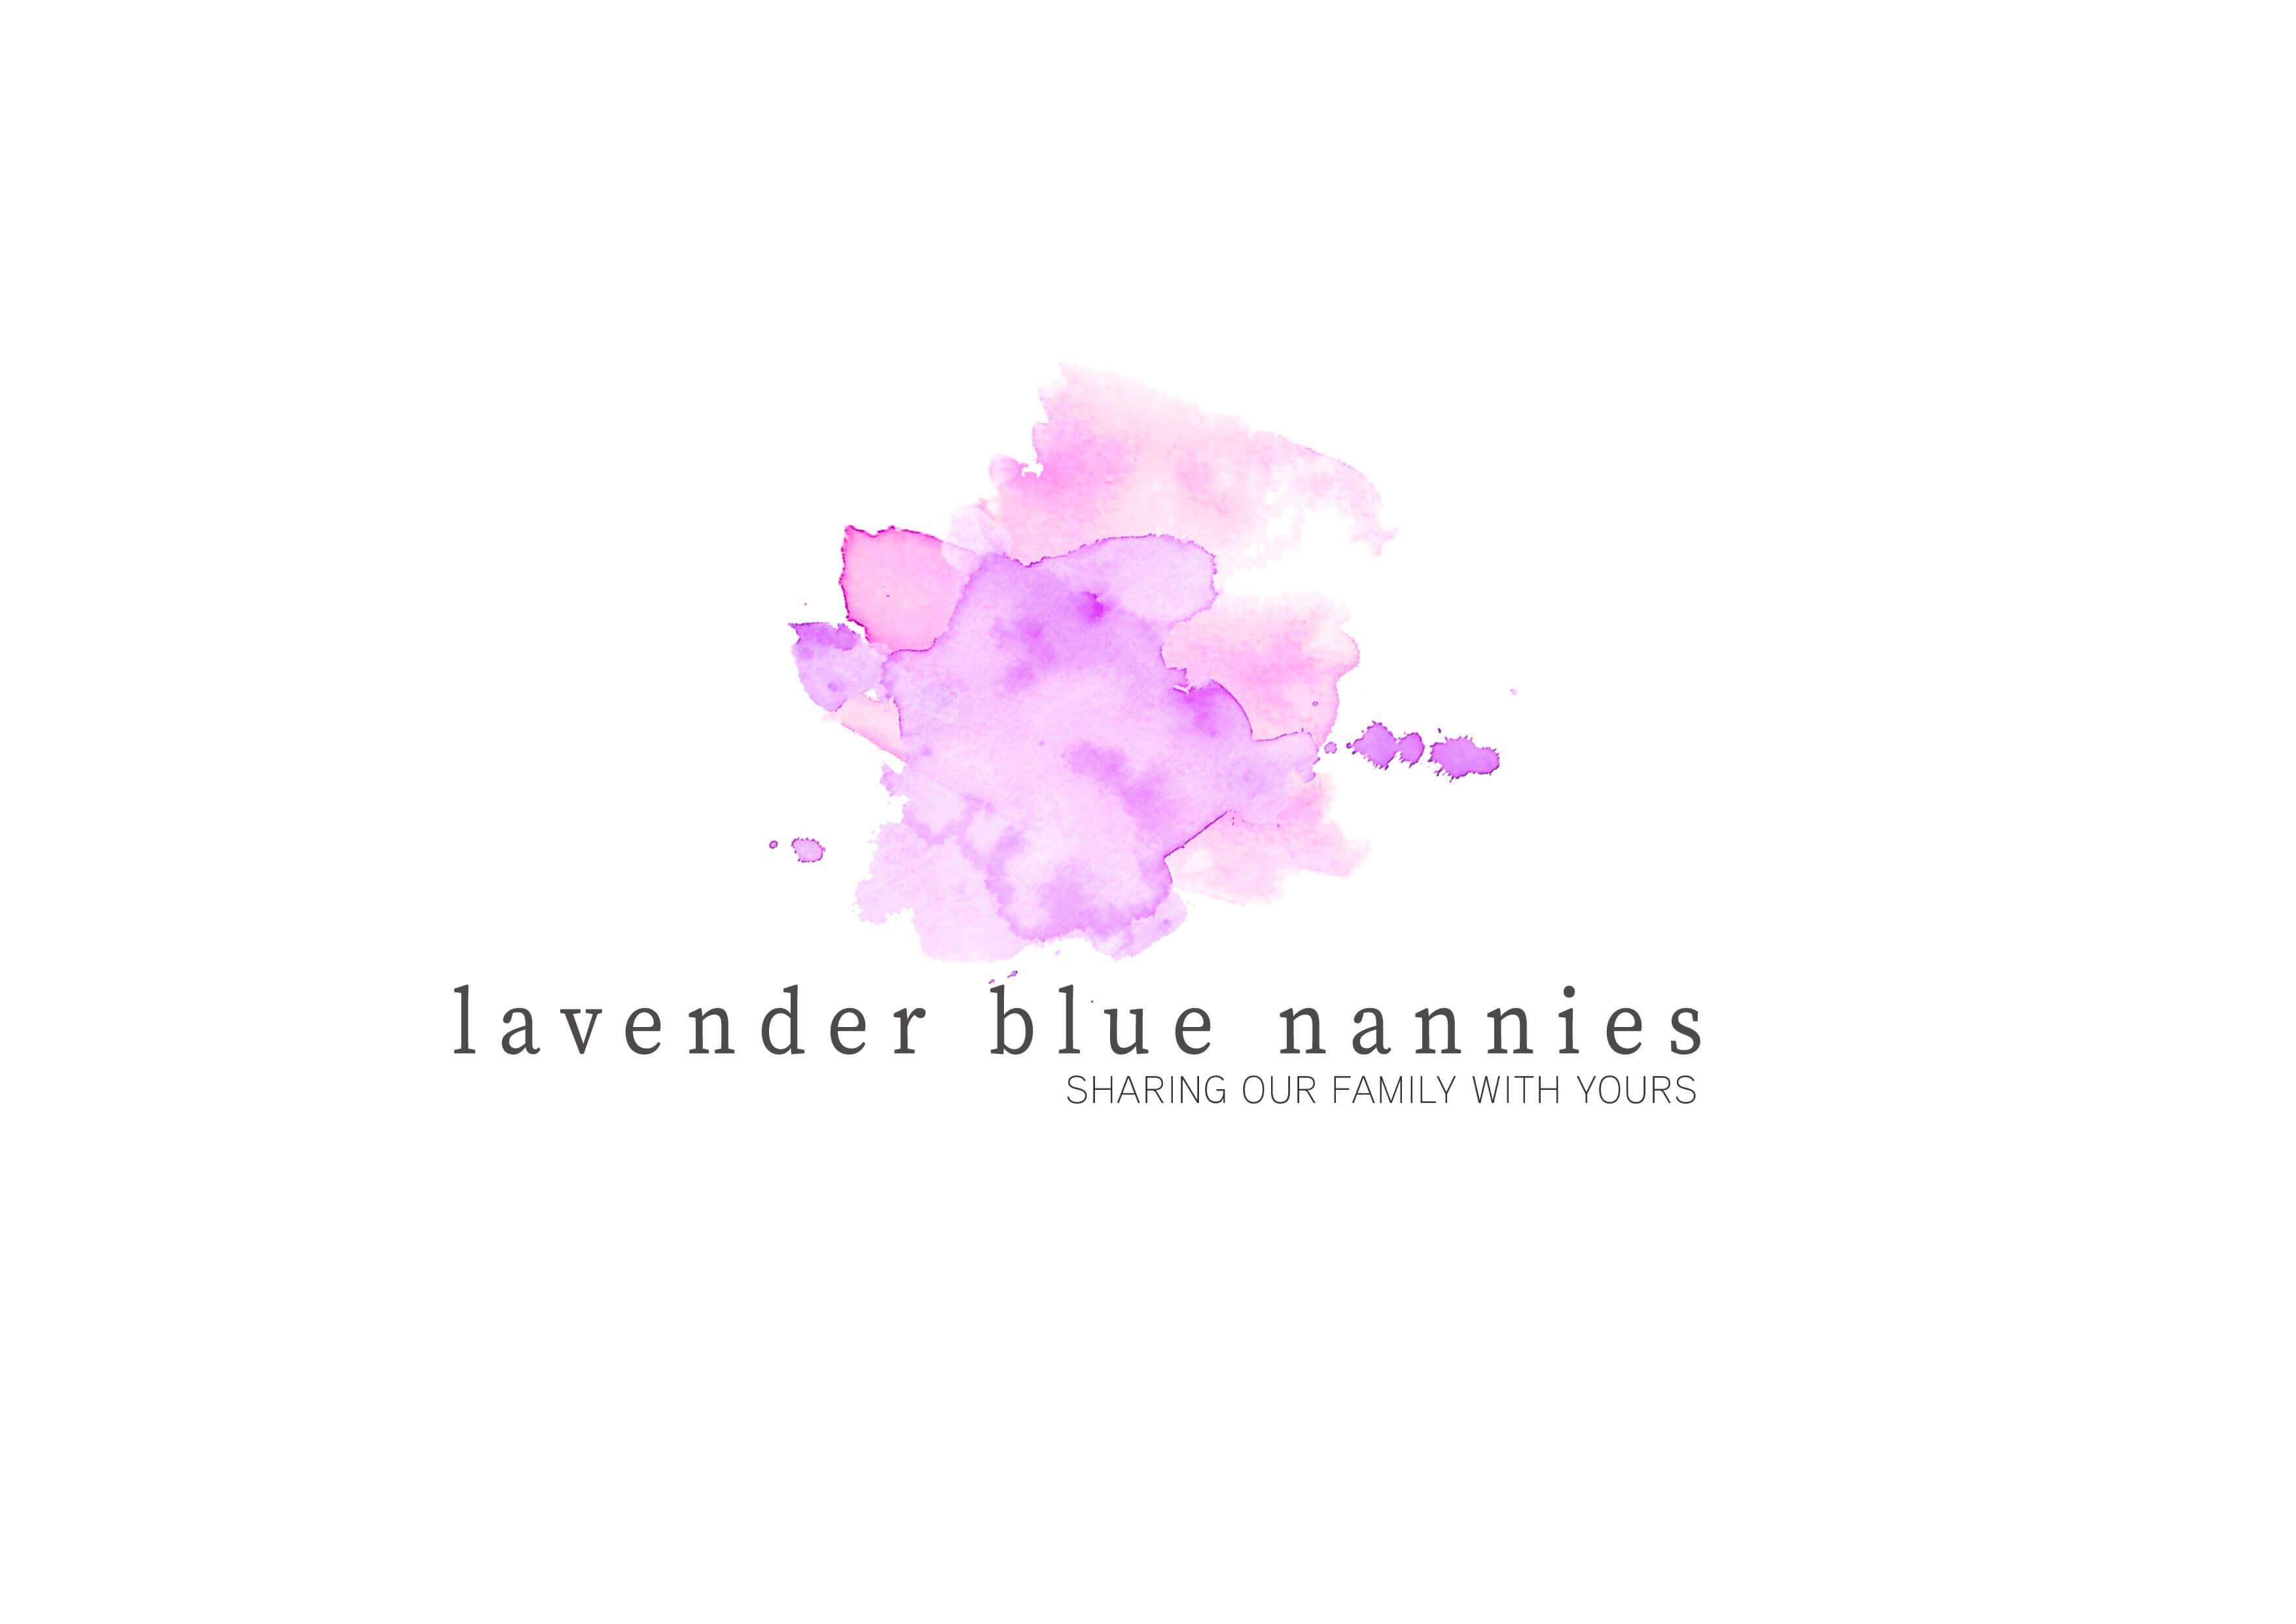 Lavender Blue Nannies